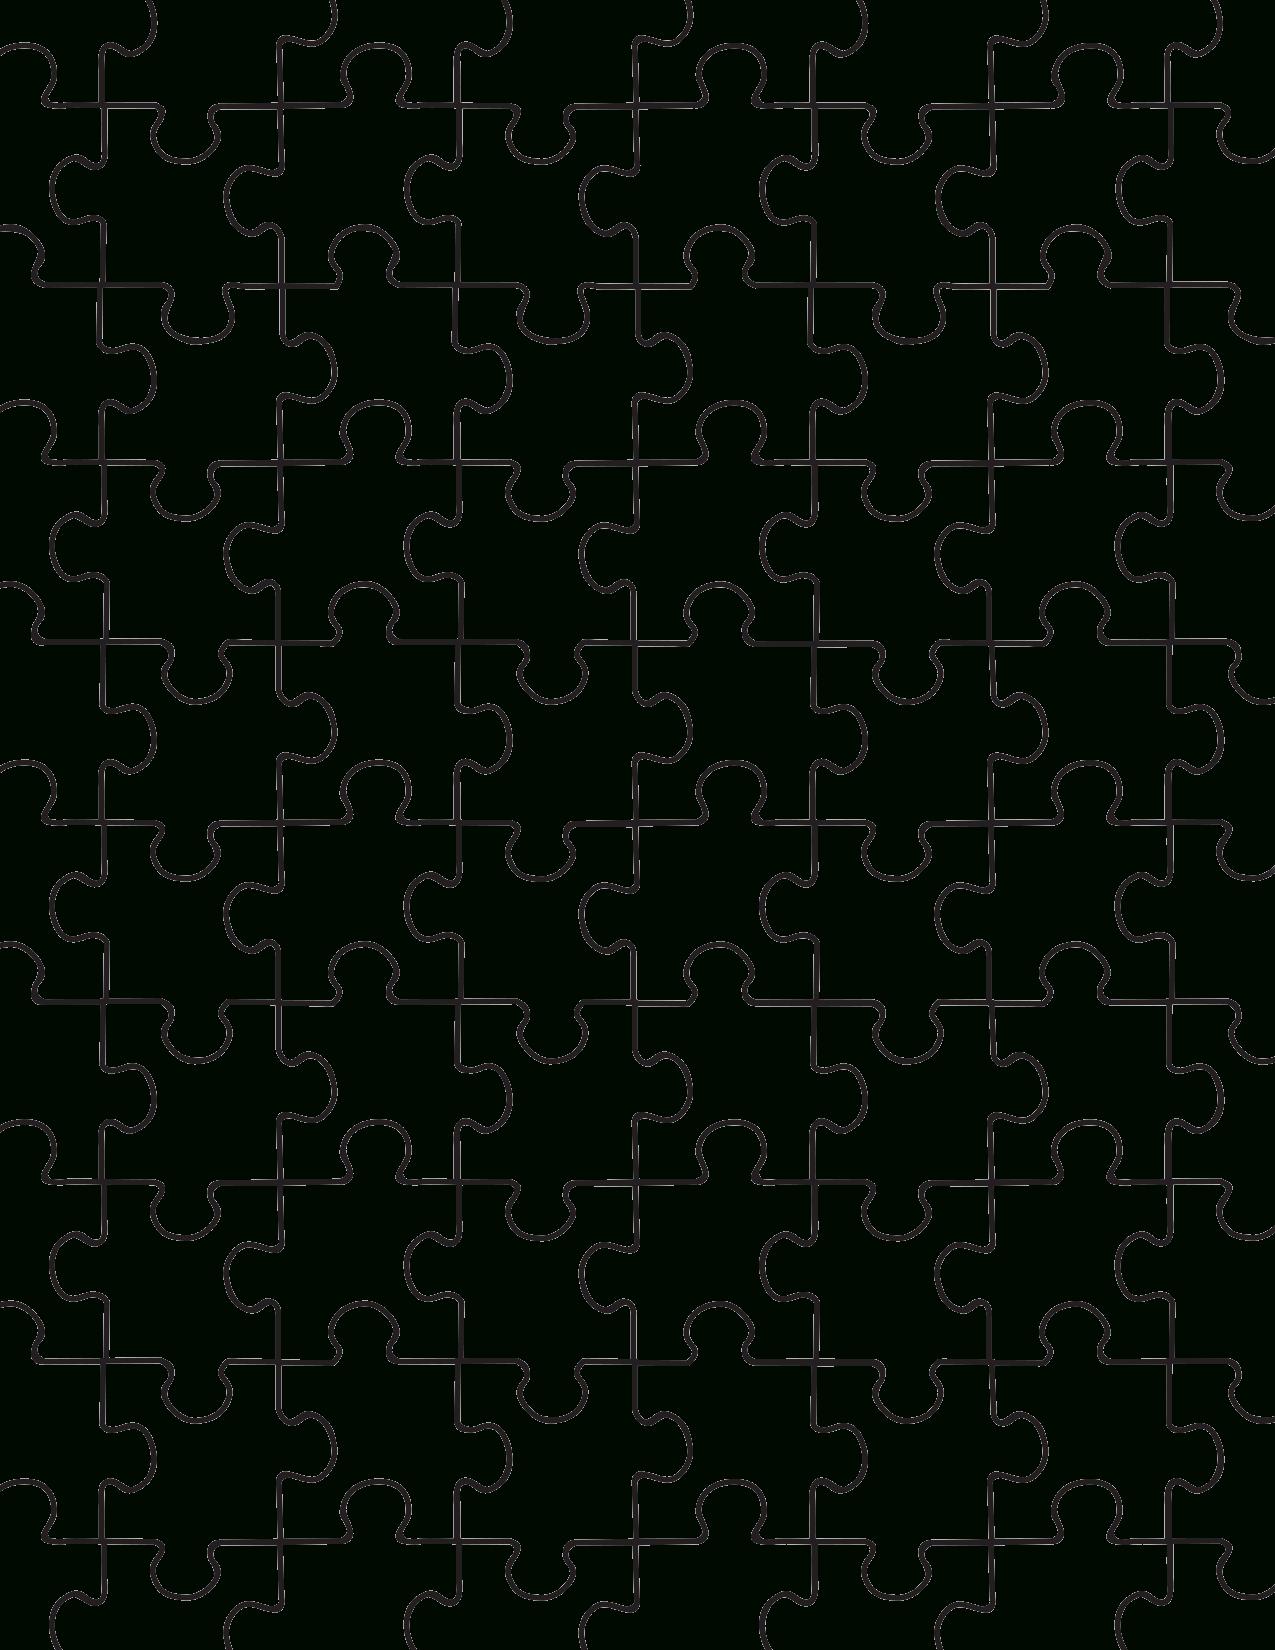 Printable Puzzle Pieces Template | Decor | Puzzle Piece Template - Printable Jigsaw Puzzle Shapes